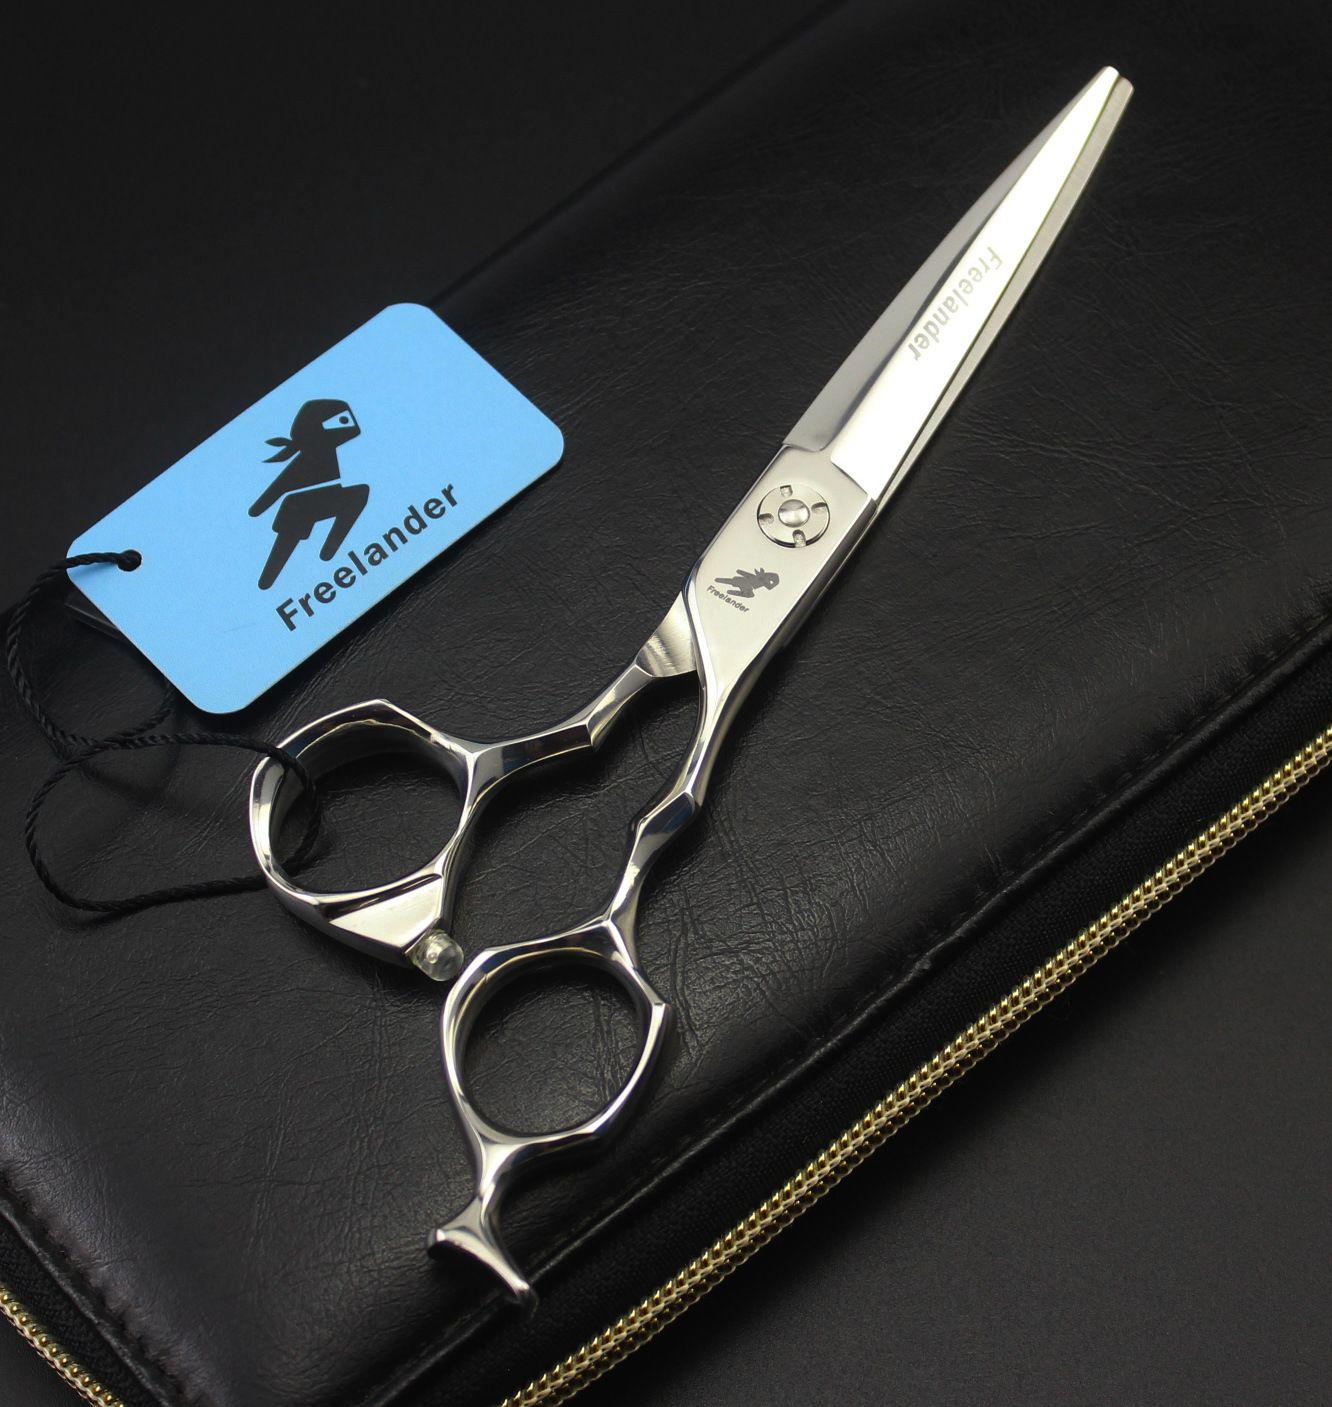 Новые Ножницы Для Волос Pro Парикмахерские Инструменты Для Укладки Салон Резки Прямые Продукты